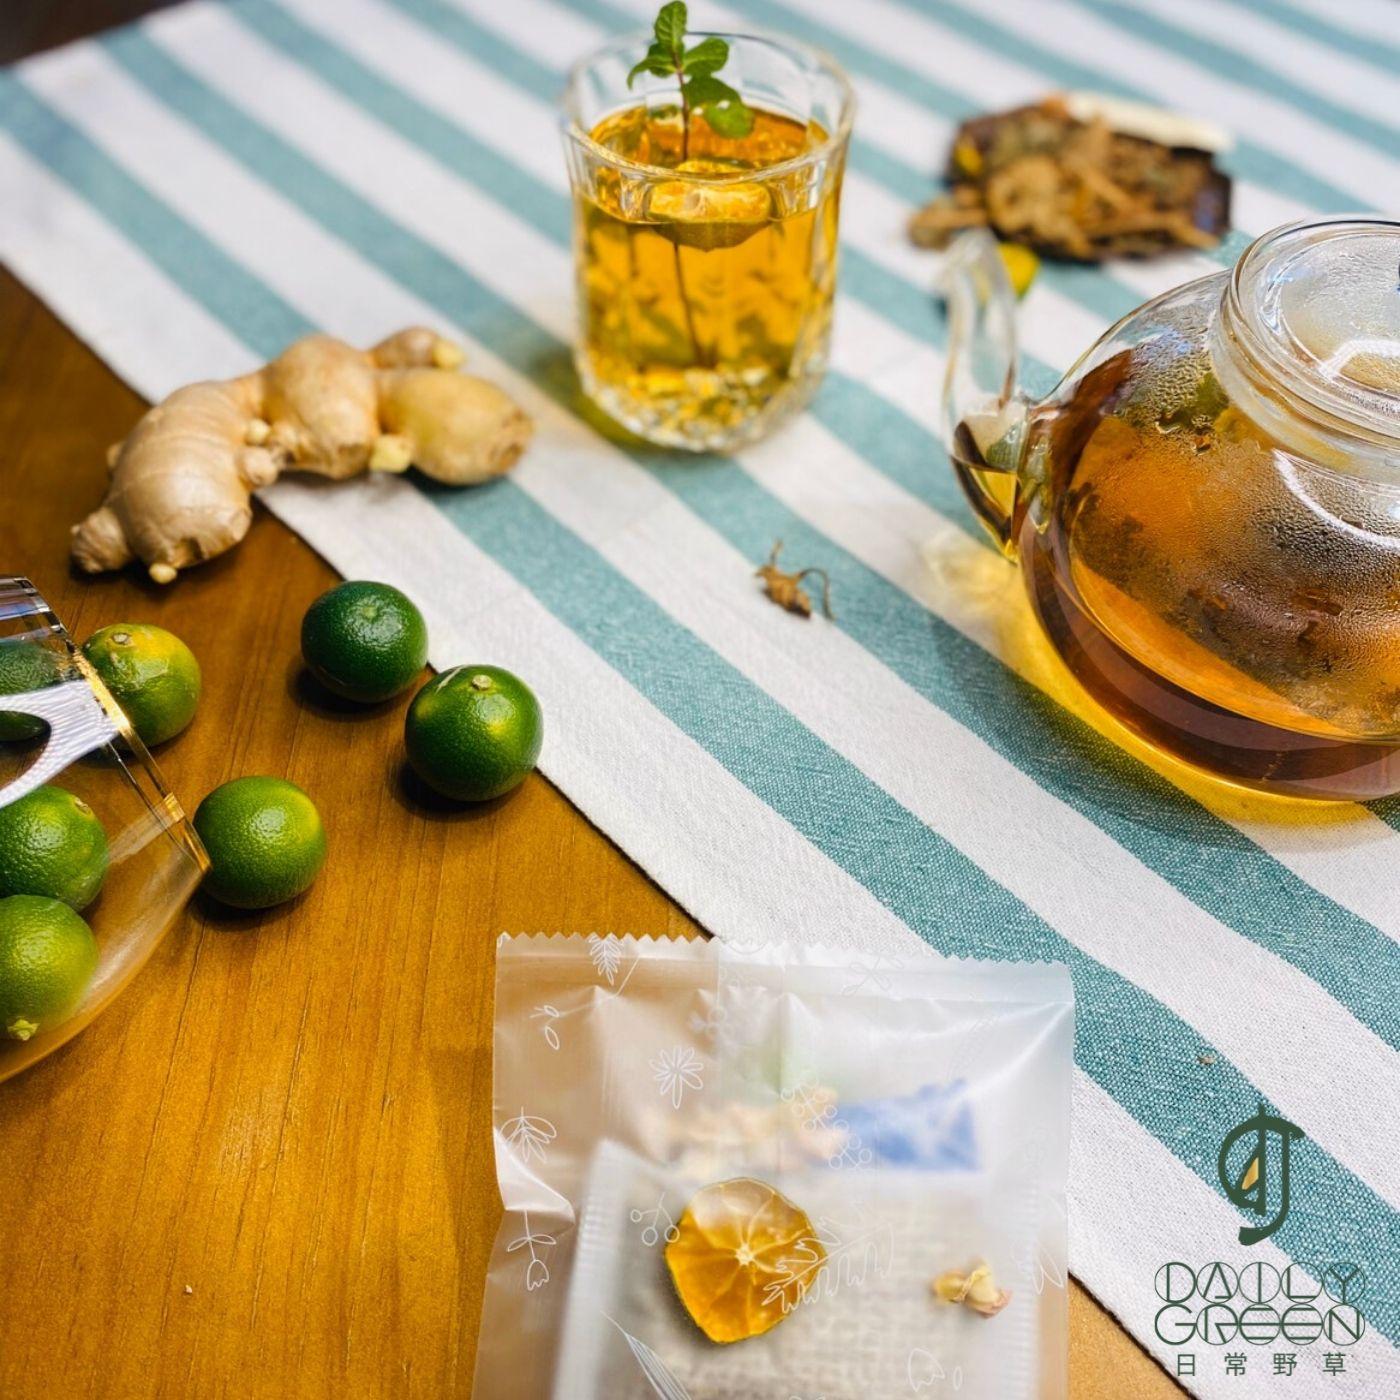 【日常野草】金桔暖薑青草茶包 - 4入 - 茶包 青草茶 養生茶包 冷泡茶包 天然青草 果乾水